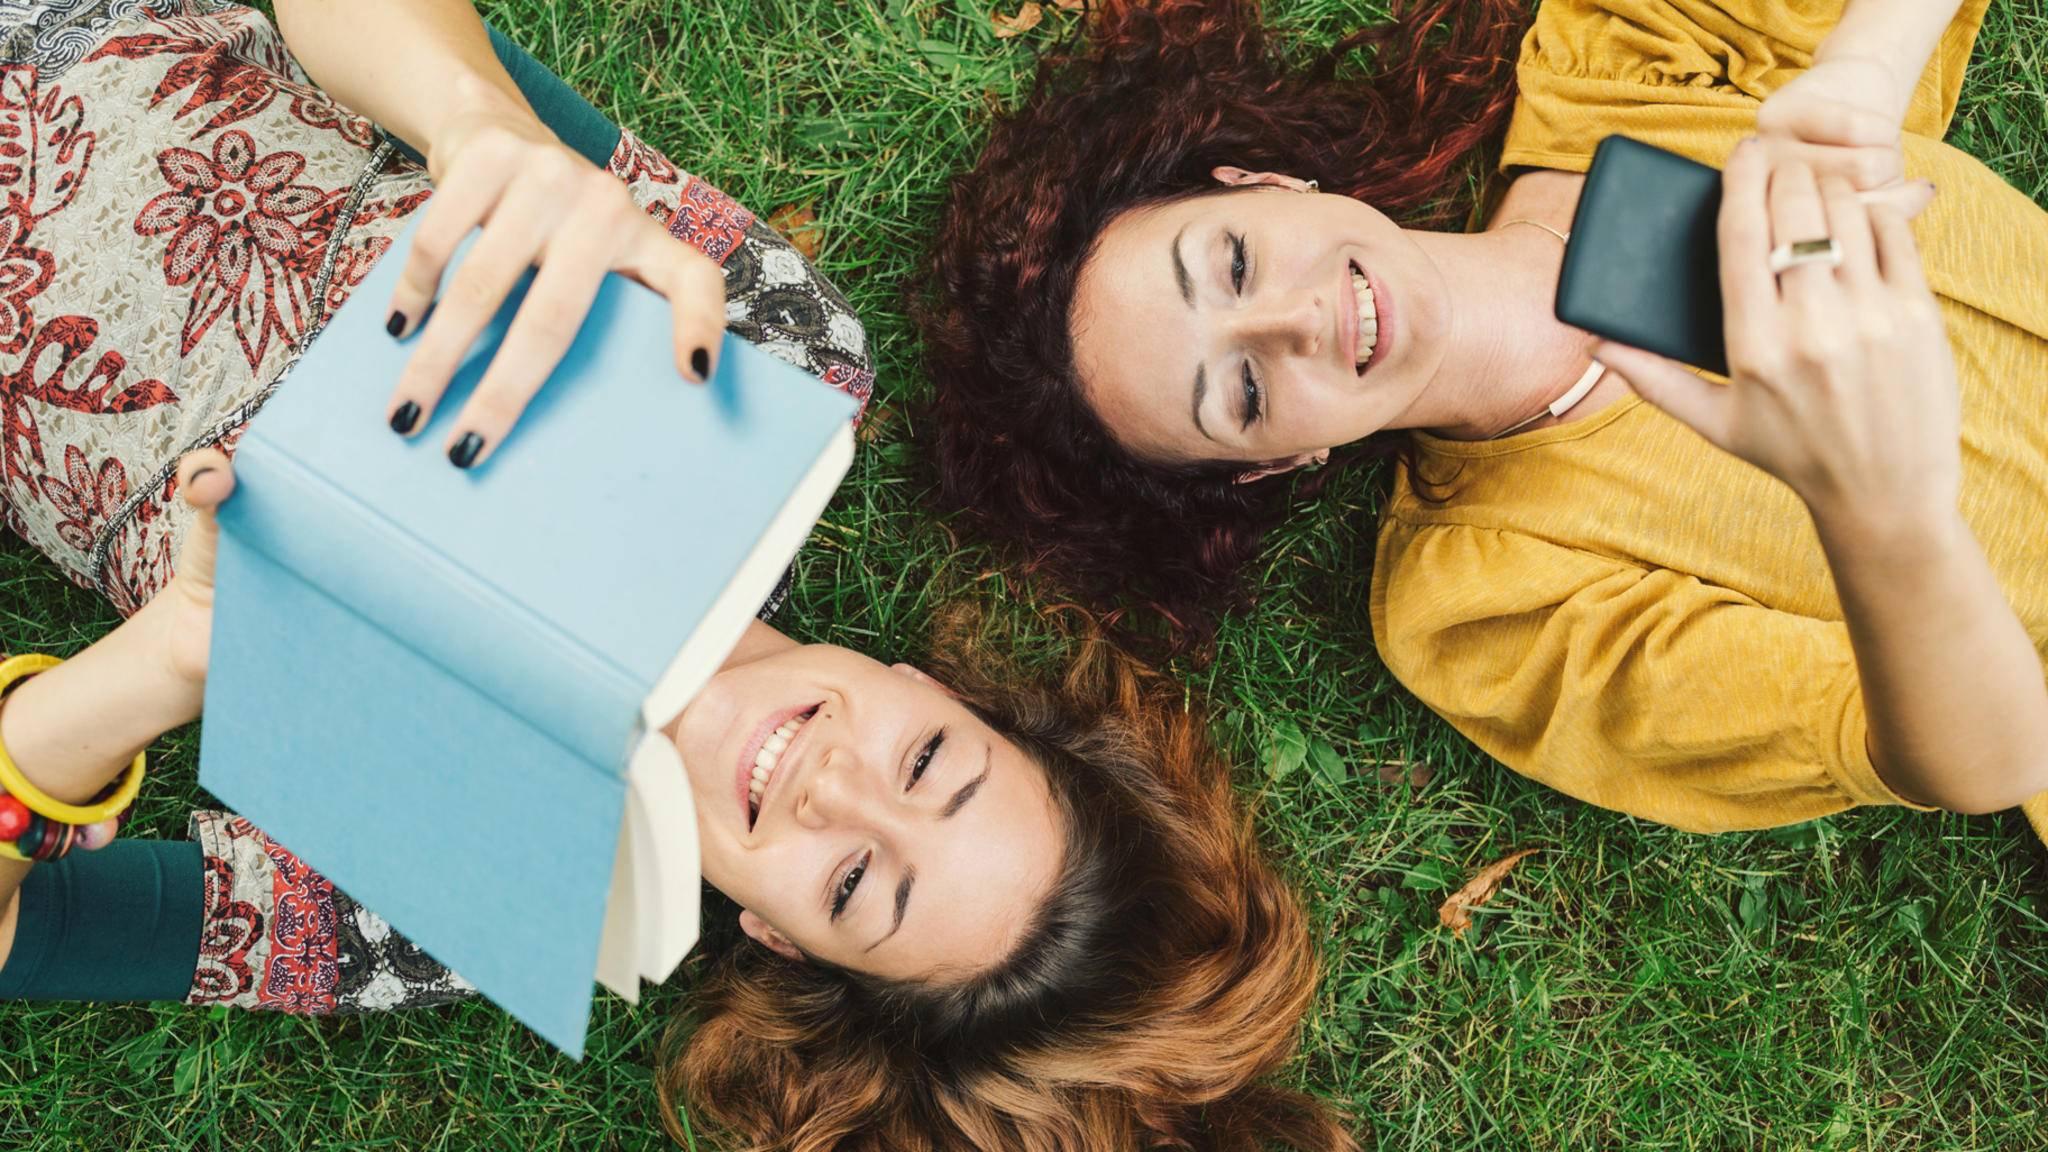 Studieren und Daten: Tinder U soll beides verbinden.